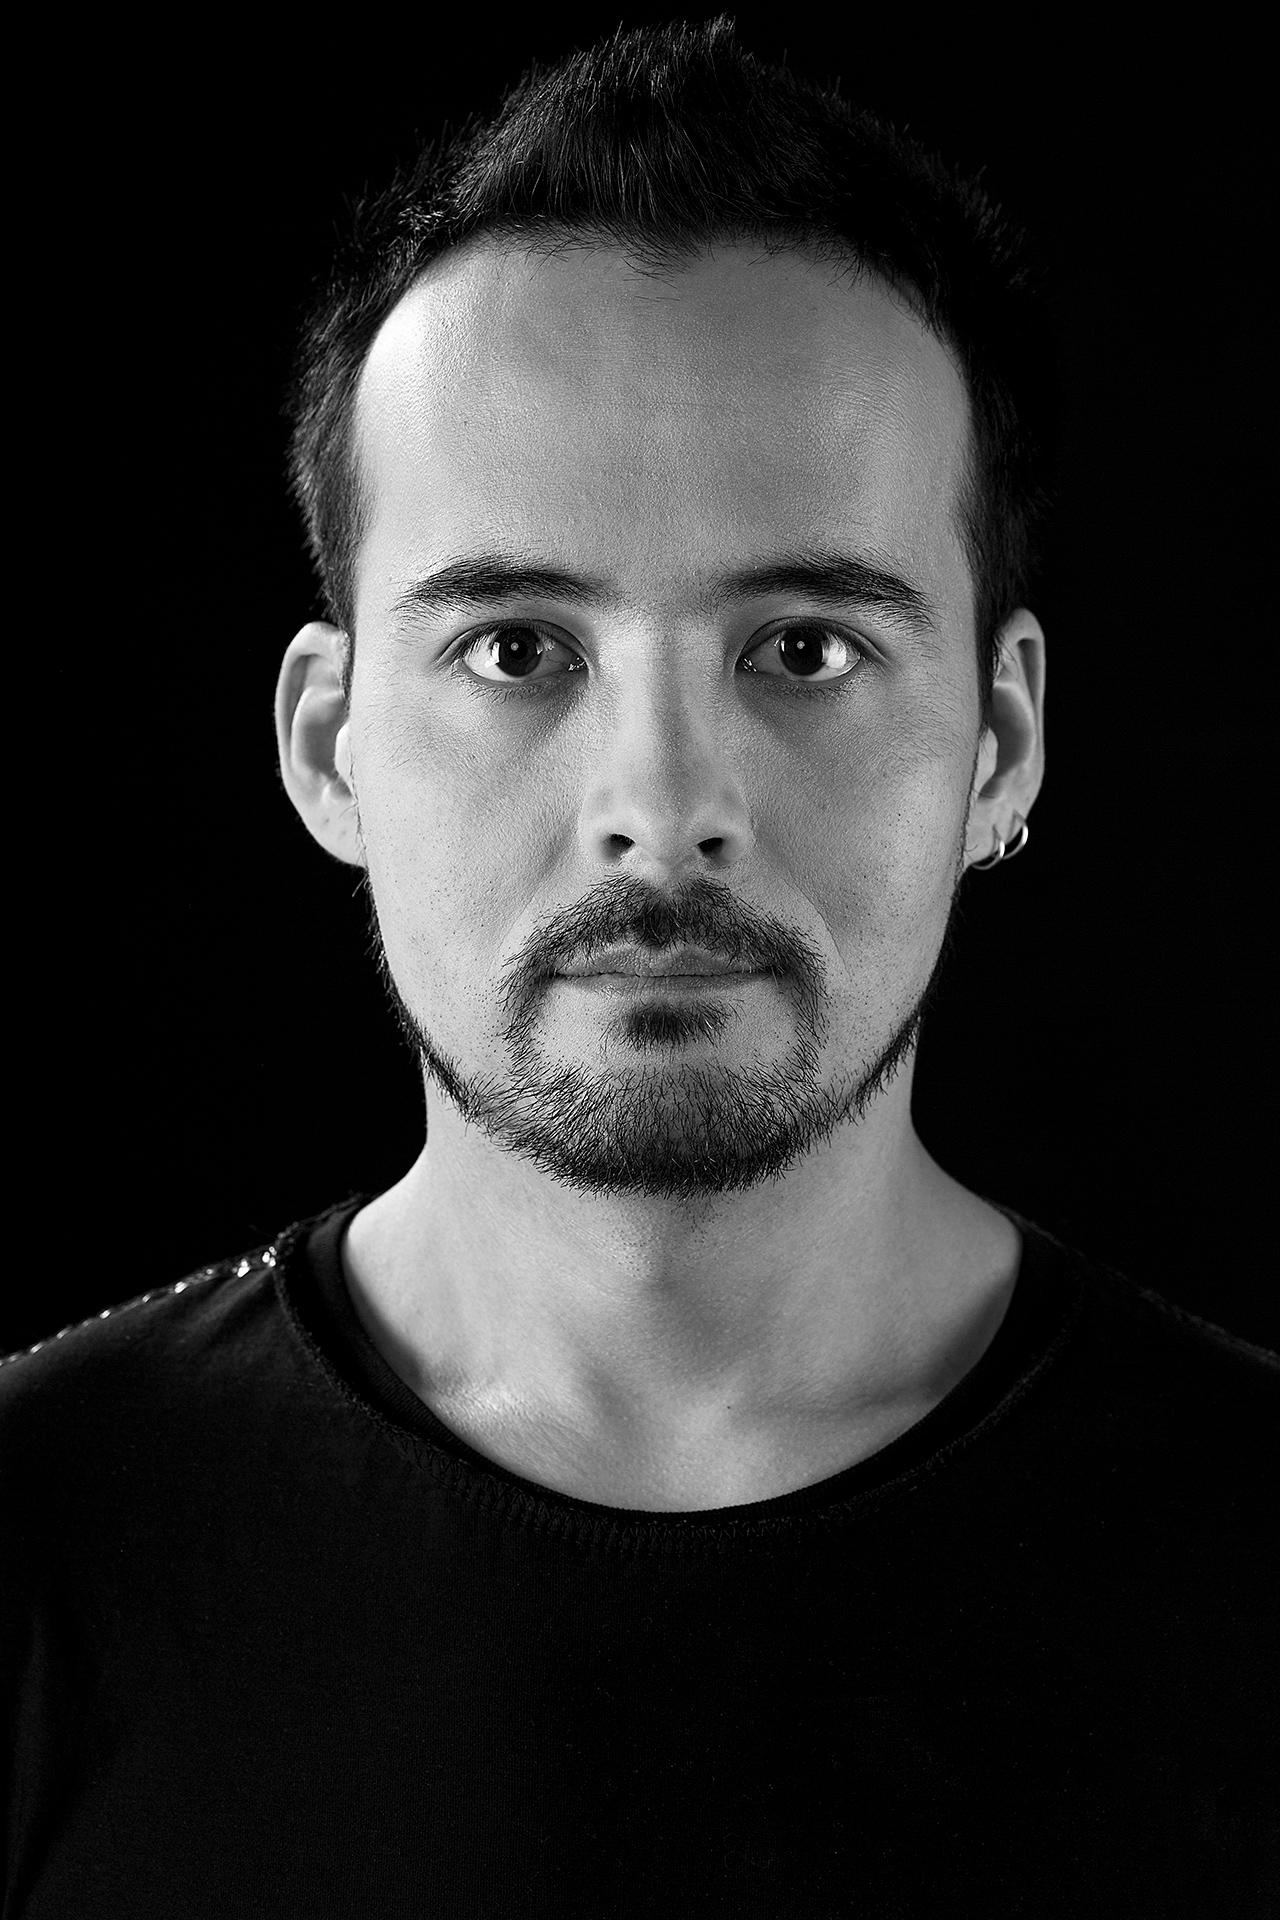 Asset Narmanbetov, guitarist, portrait